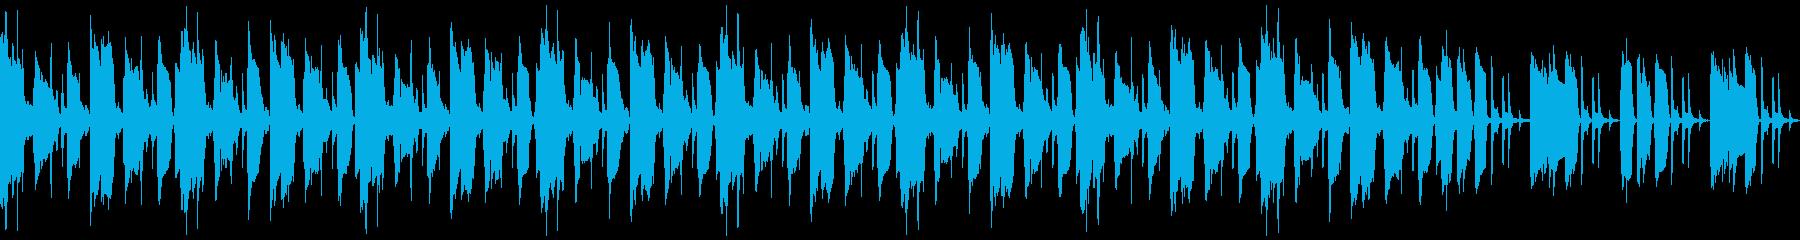 ギターとピアノのシンプルなループ曲の再生済みの波形